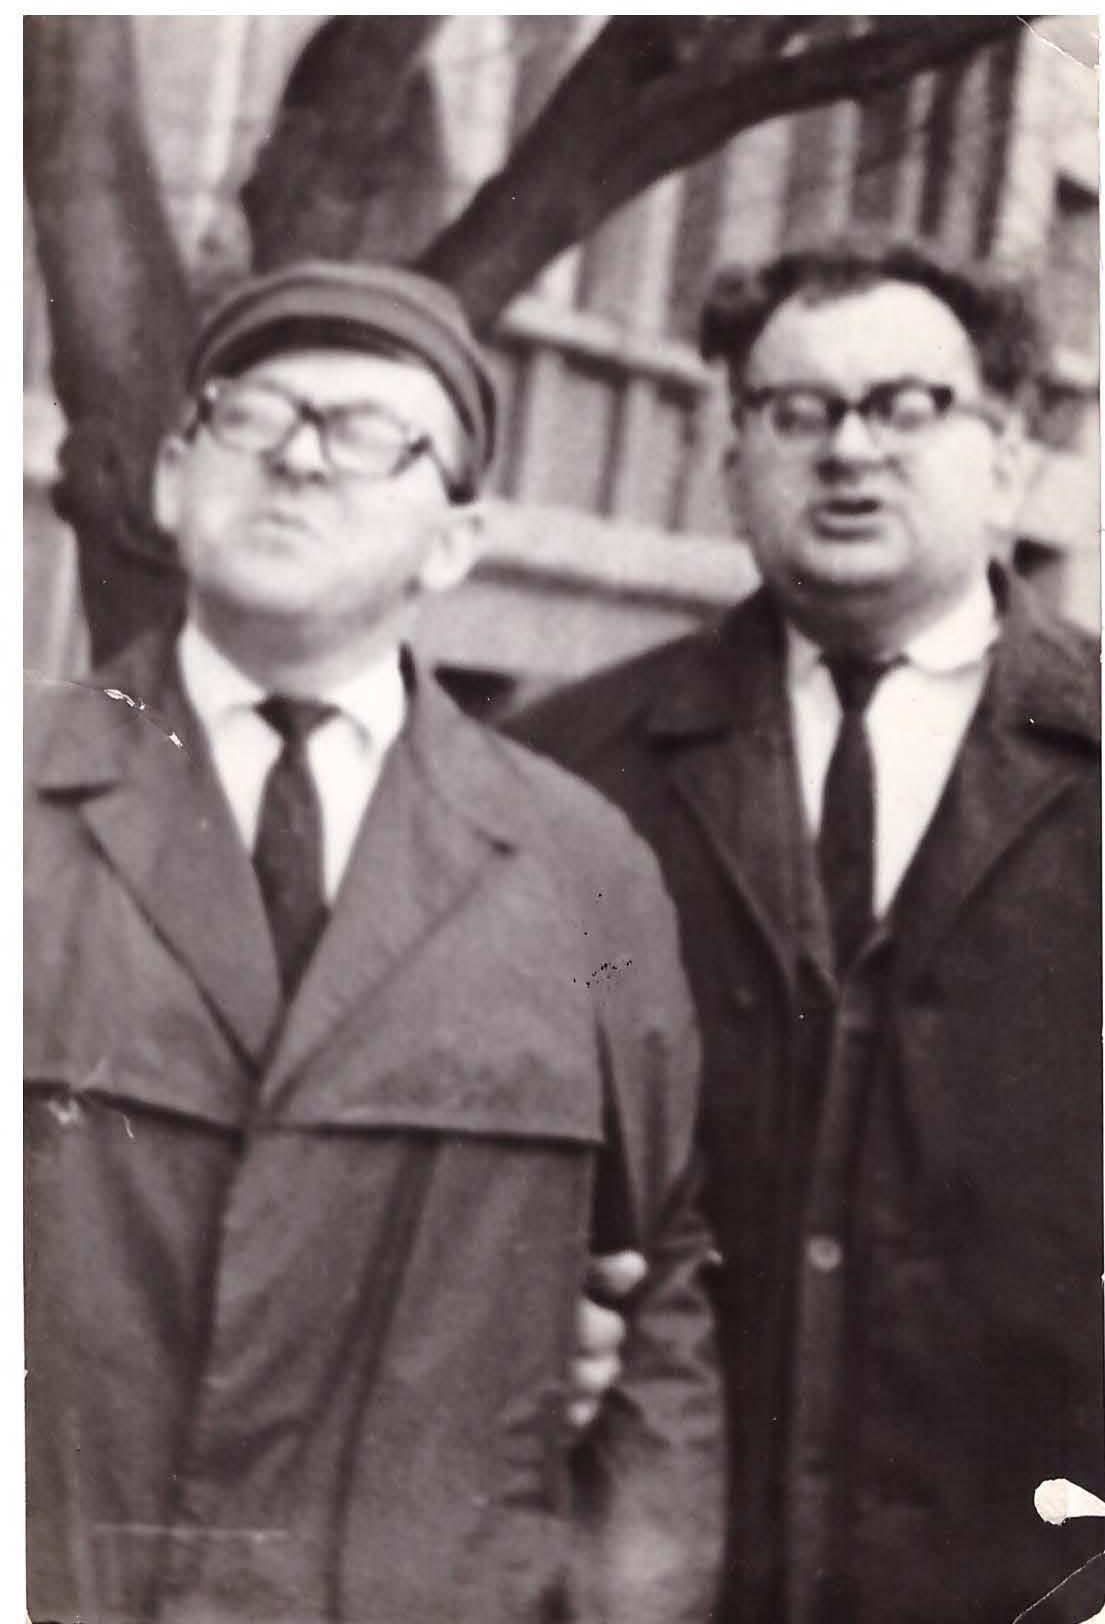 Dėstytojai. Sigitas krivickas (iš kairės) ir Viktoras Žeimantas | Nuotr. iš asmeninio archyvo